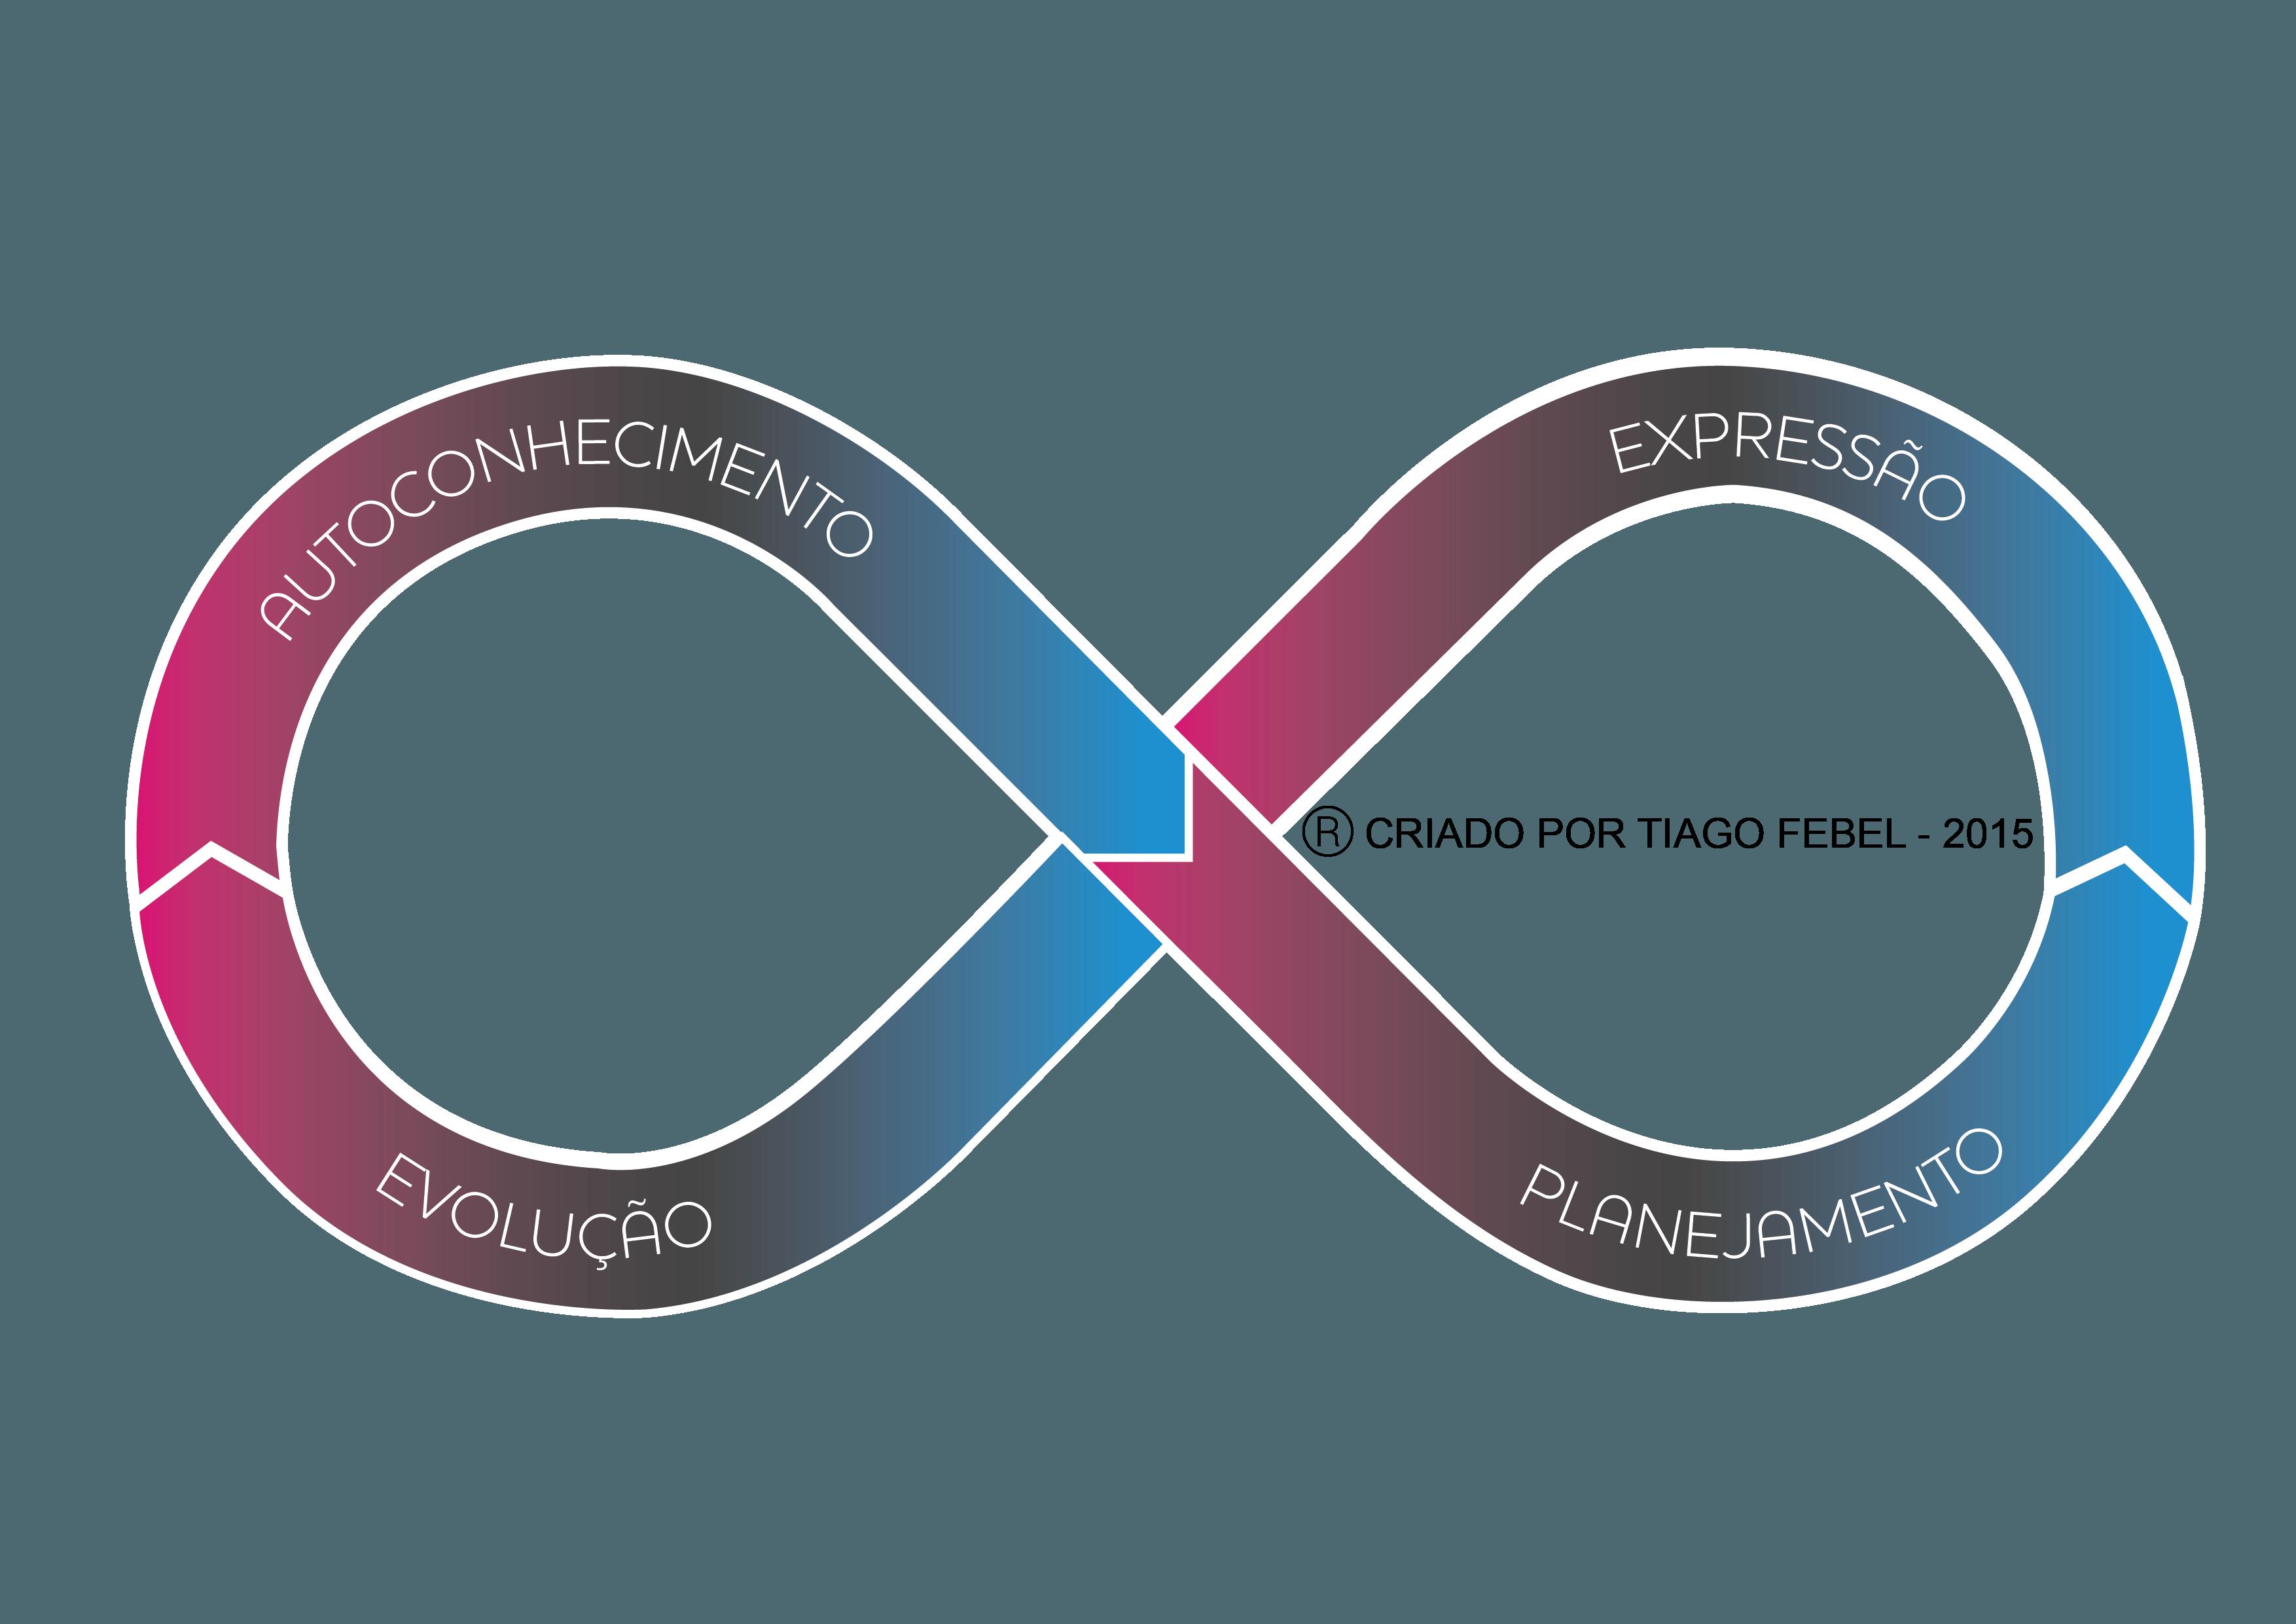 Infinito de Desenvolvimento e Carreira